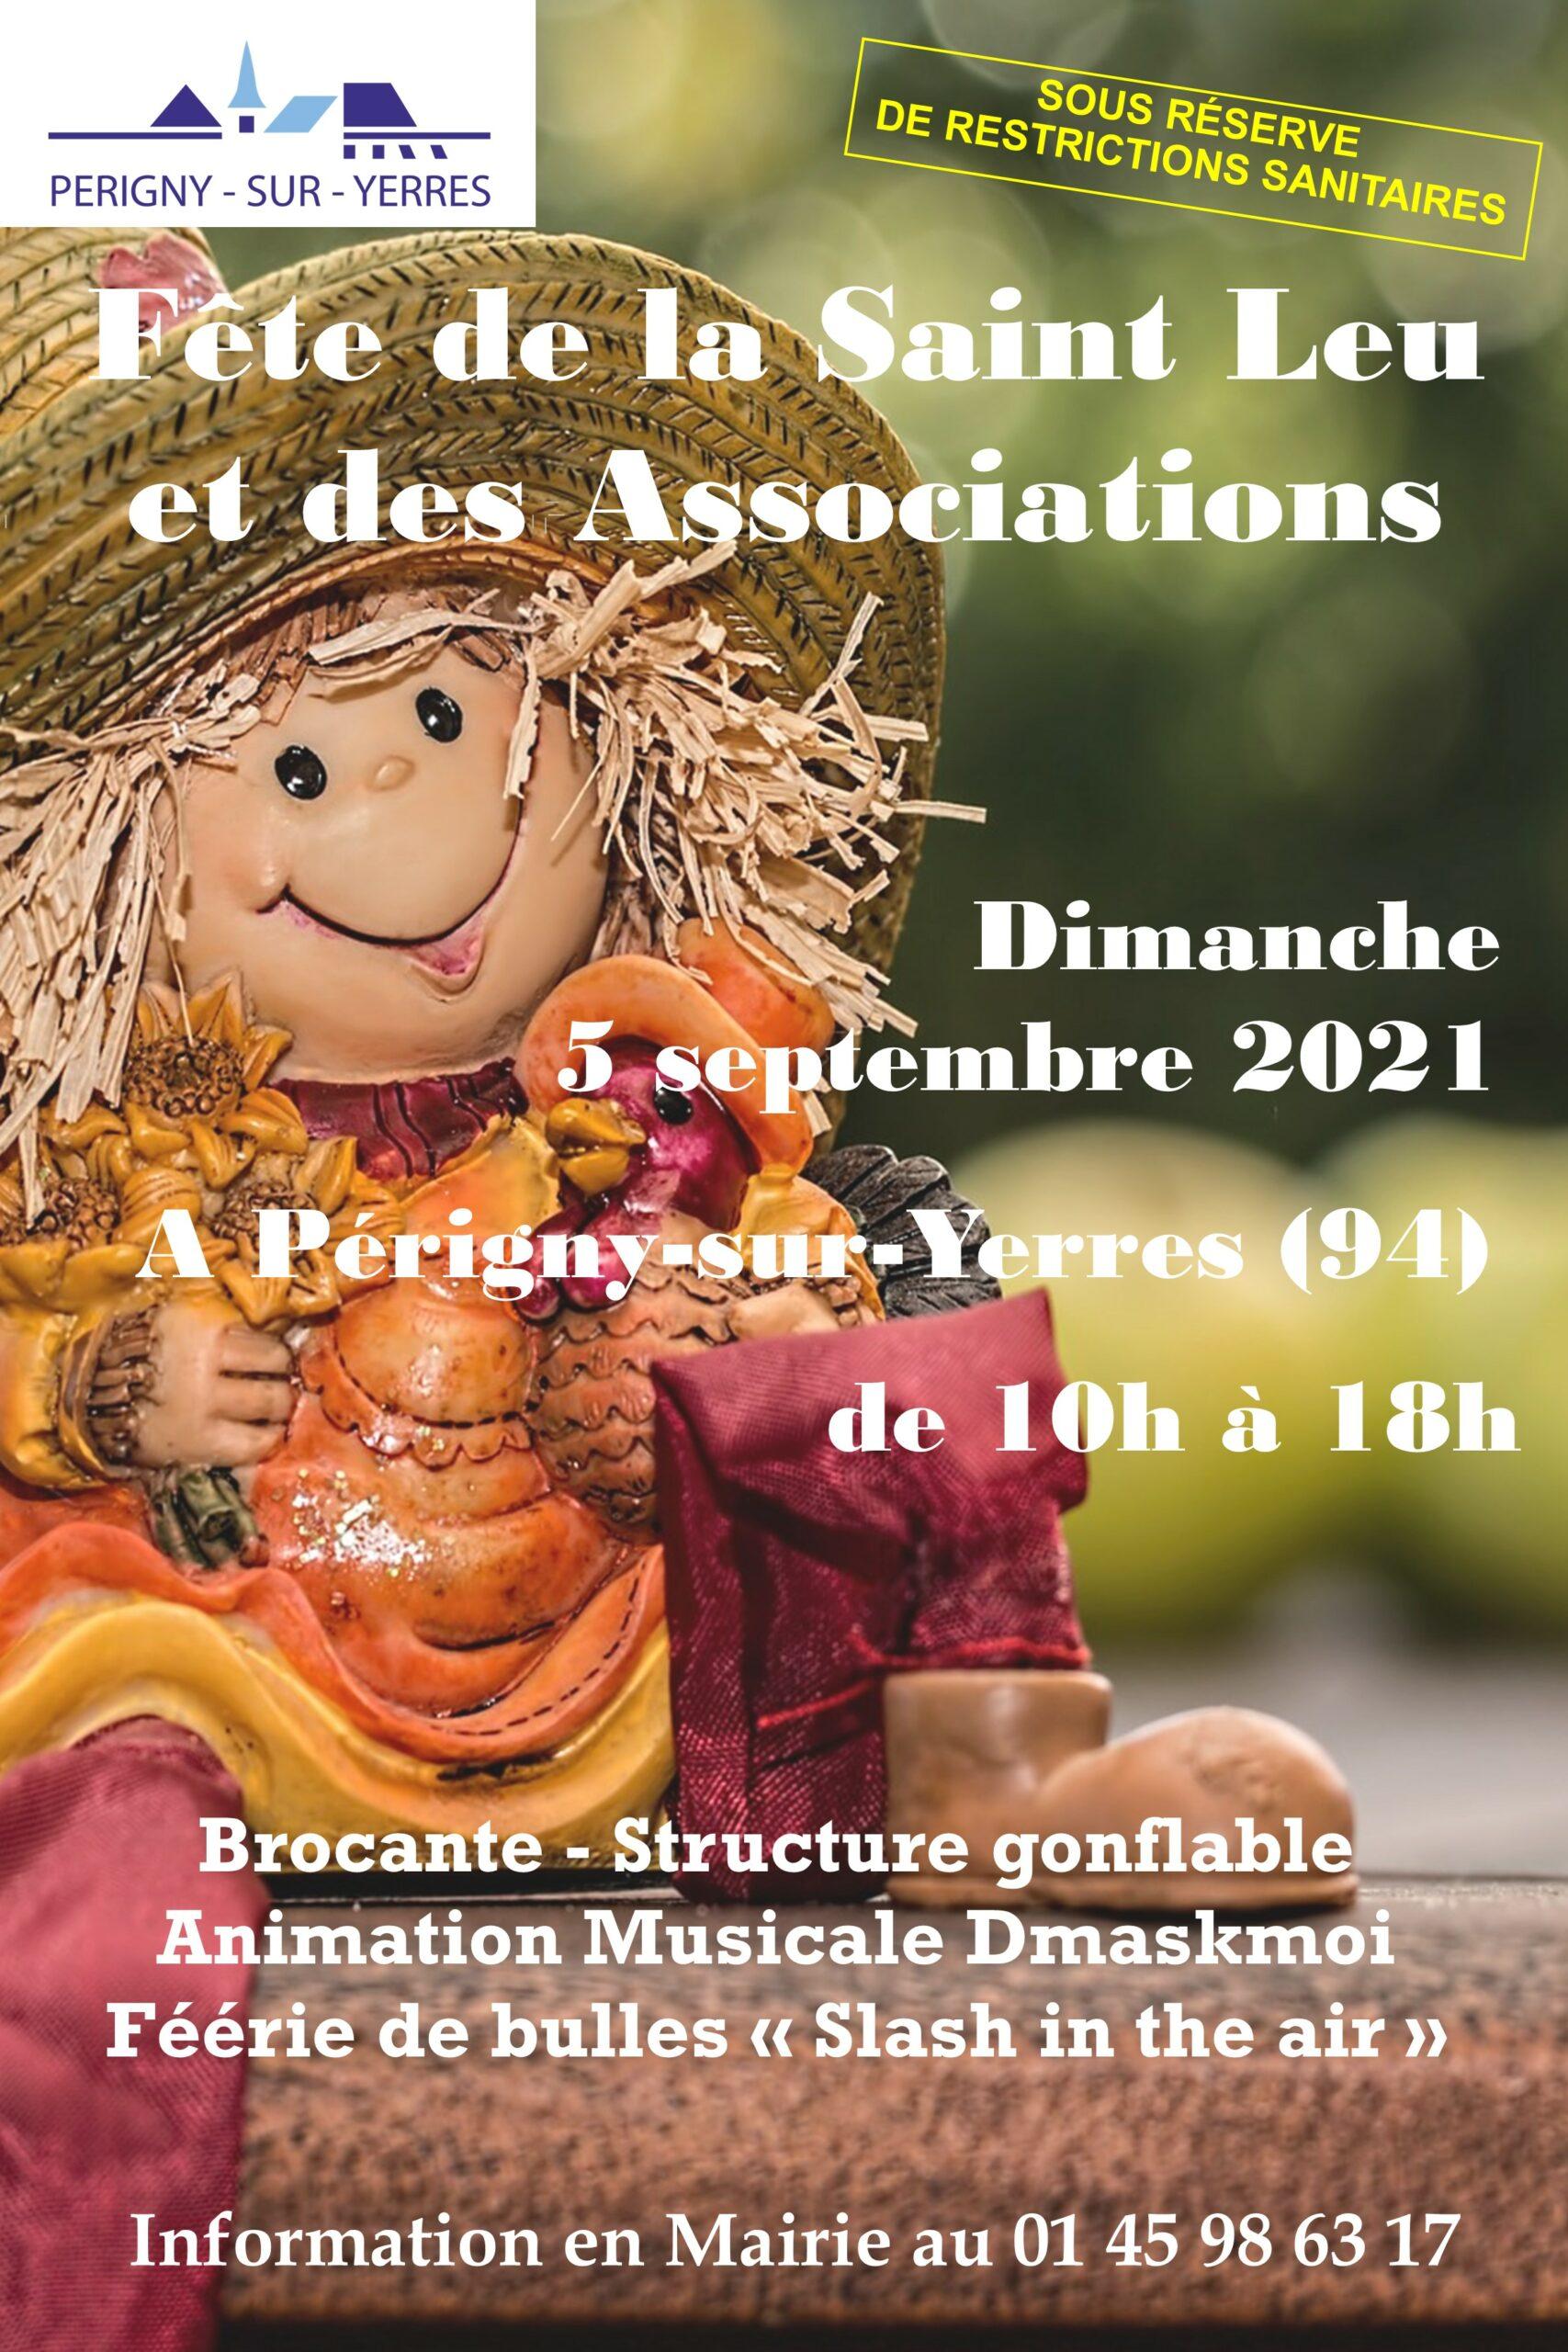 Fête de la Saint Leu et des Associations